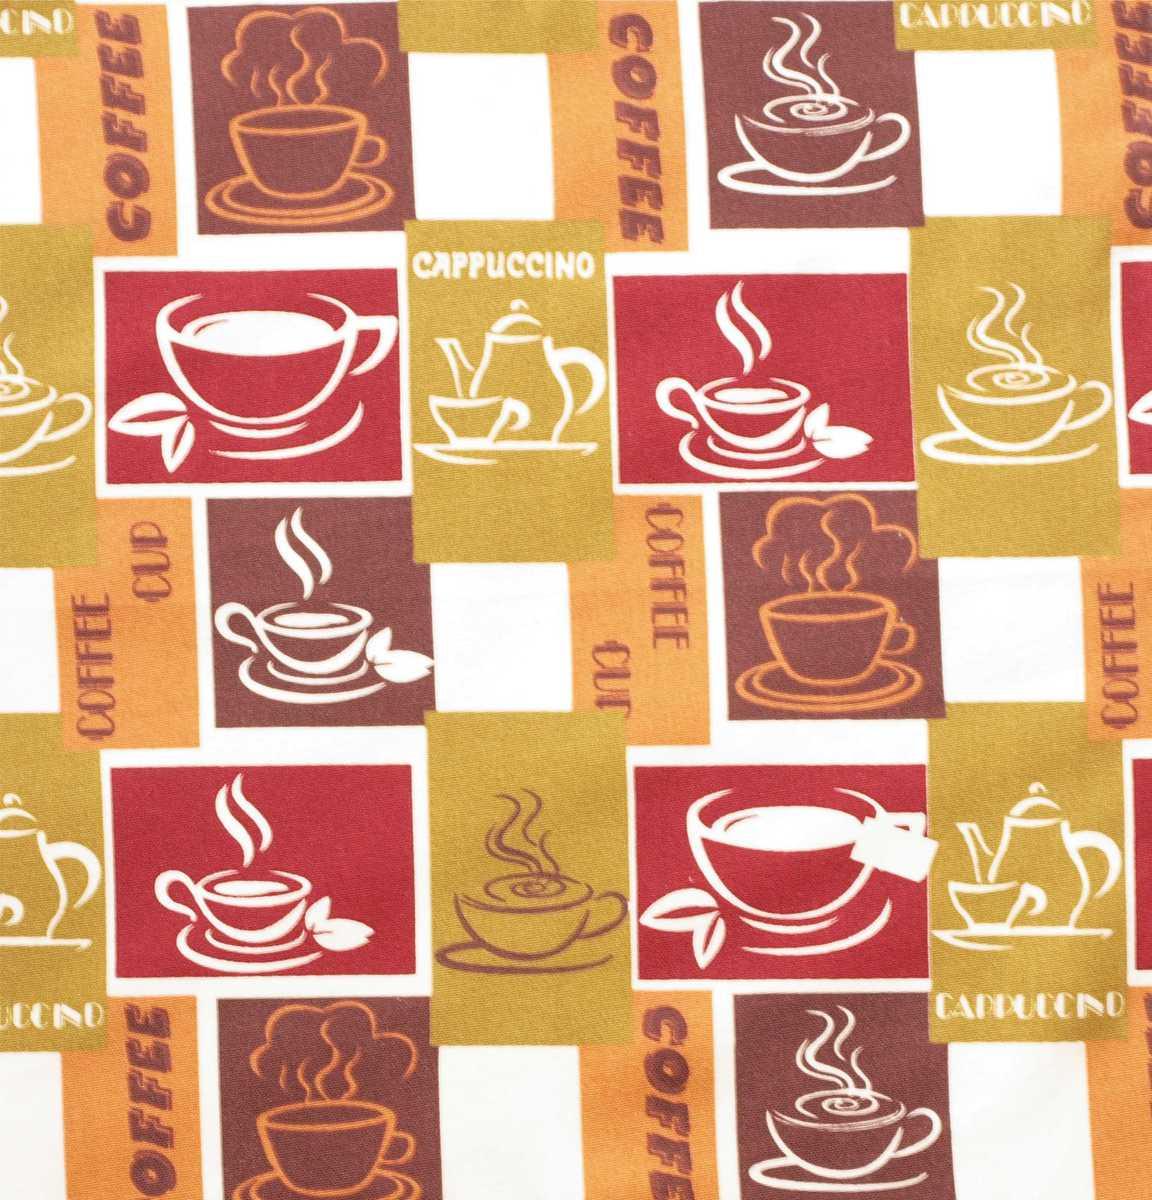 Forbyt, Látka bavlněná, Caffee bordo 140 cm